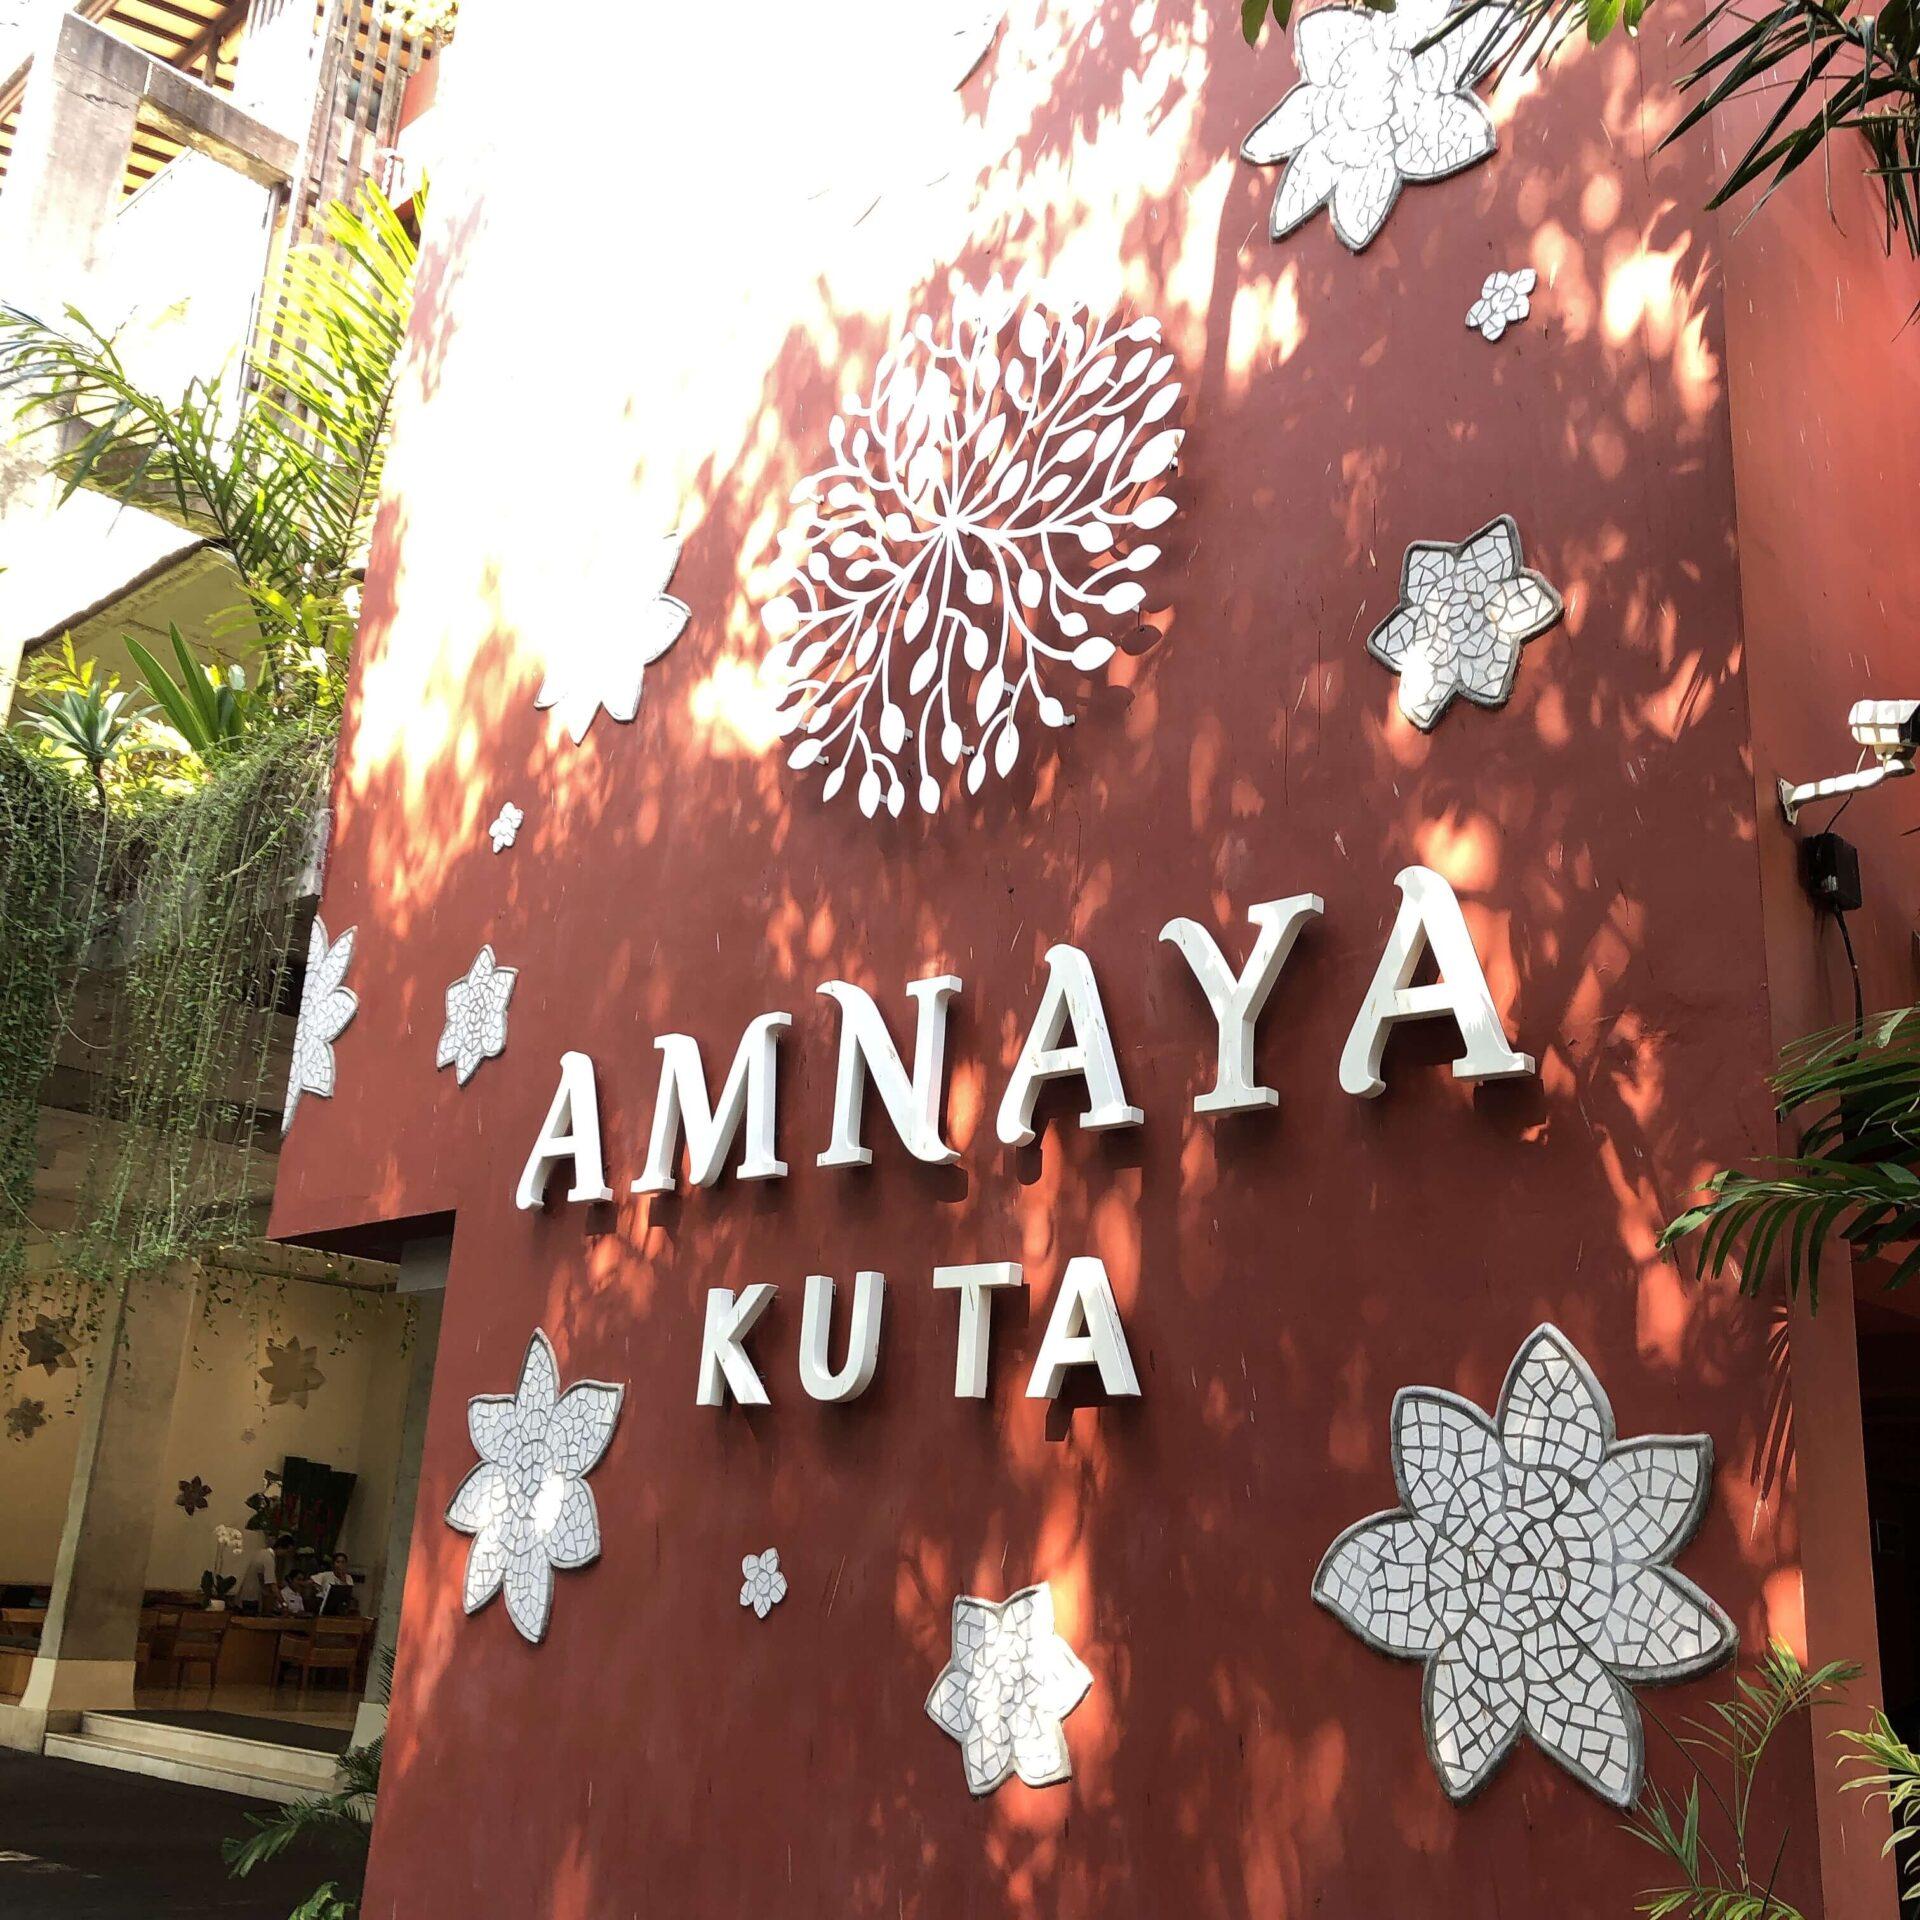 【2020年版】アムナヤ リゾート クタ滞在記!お部屋も広くコスパ良しでおすすめ!